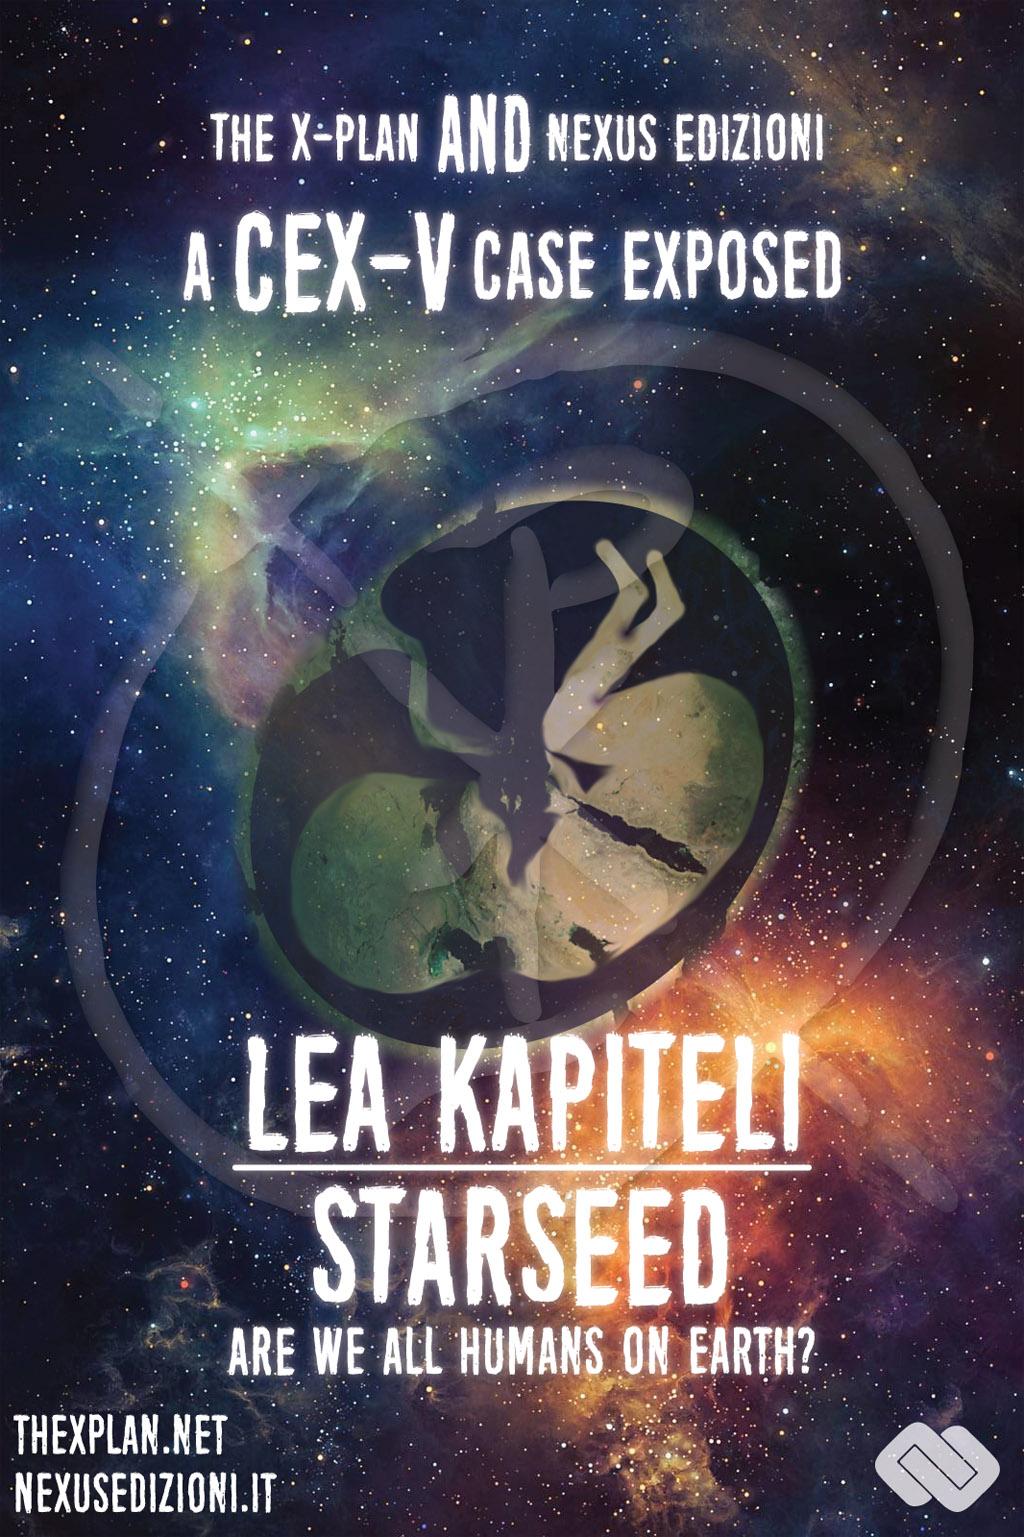 Lea Kapiteli Starseed